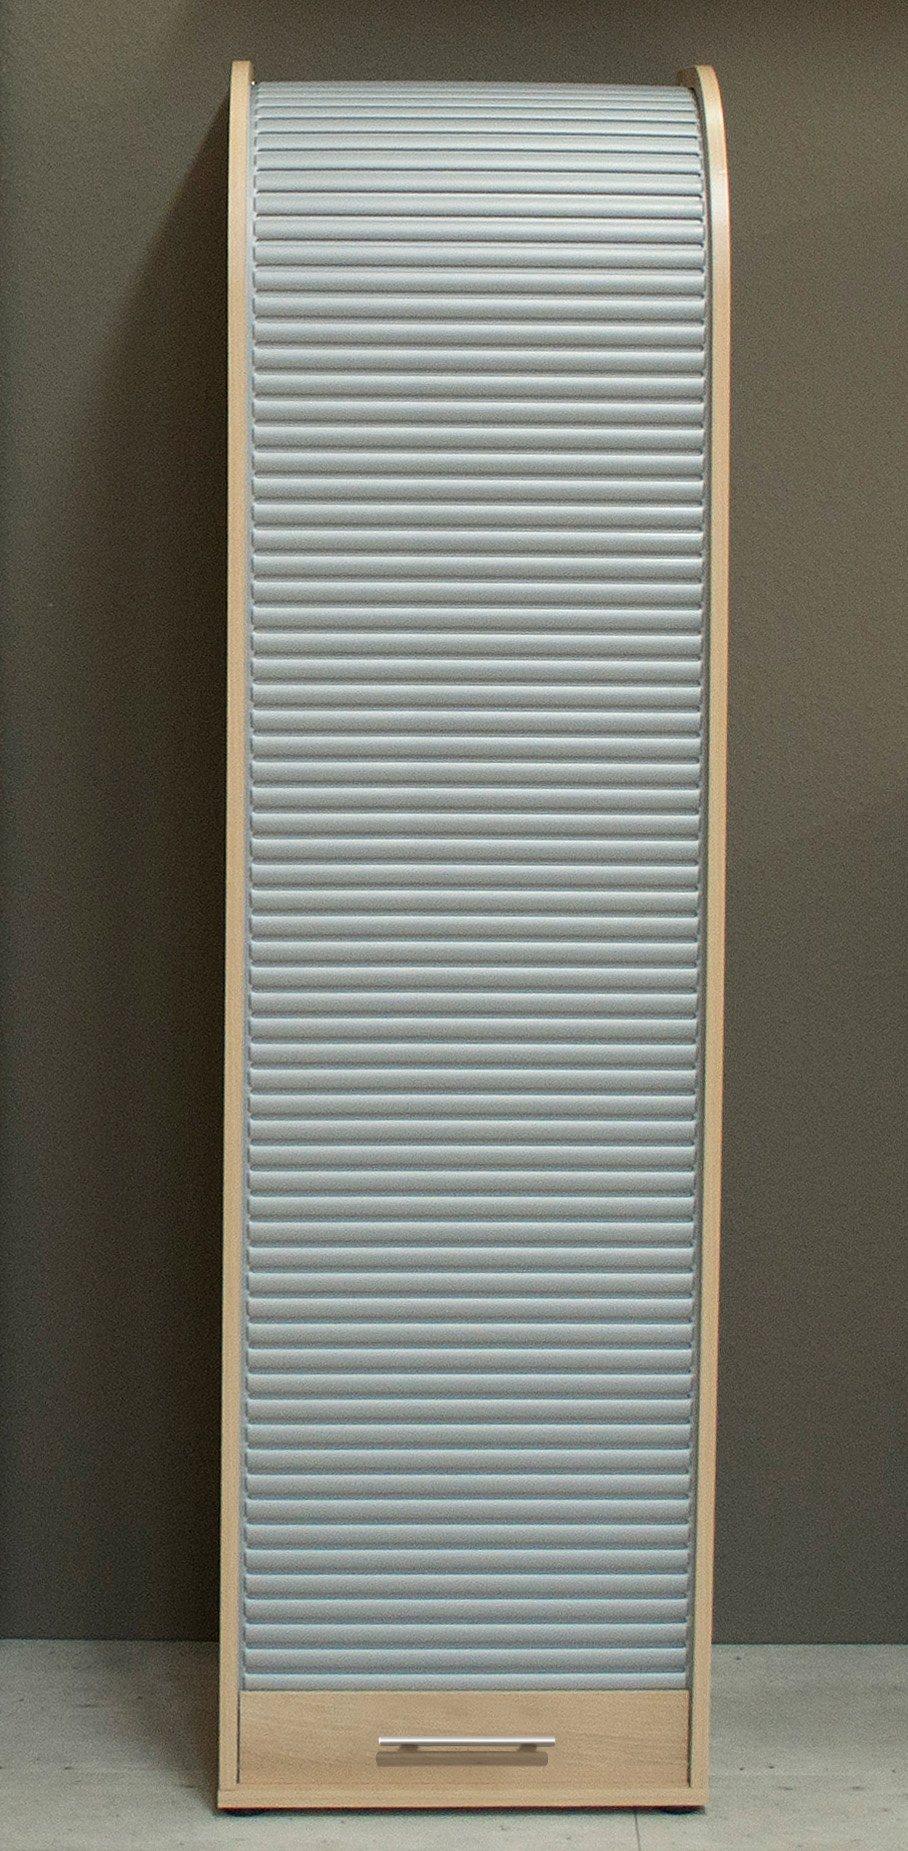 Jalousieschrank, Höhe 164 cm, mit viel Stauraum | Büro > Büroschränke > Aktenschränke | Silber - Weiß | Buche - Kunststoff - Melamin